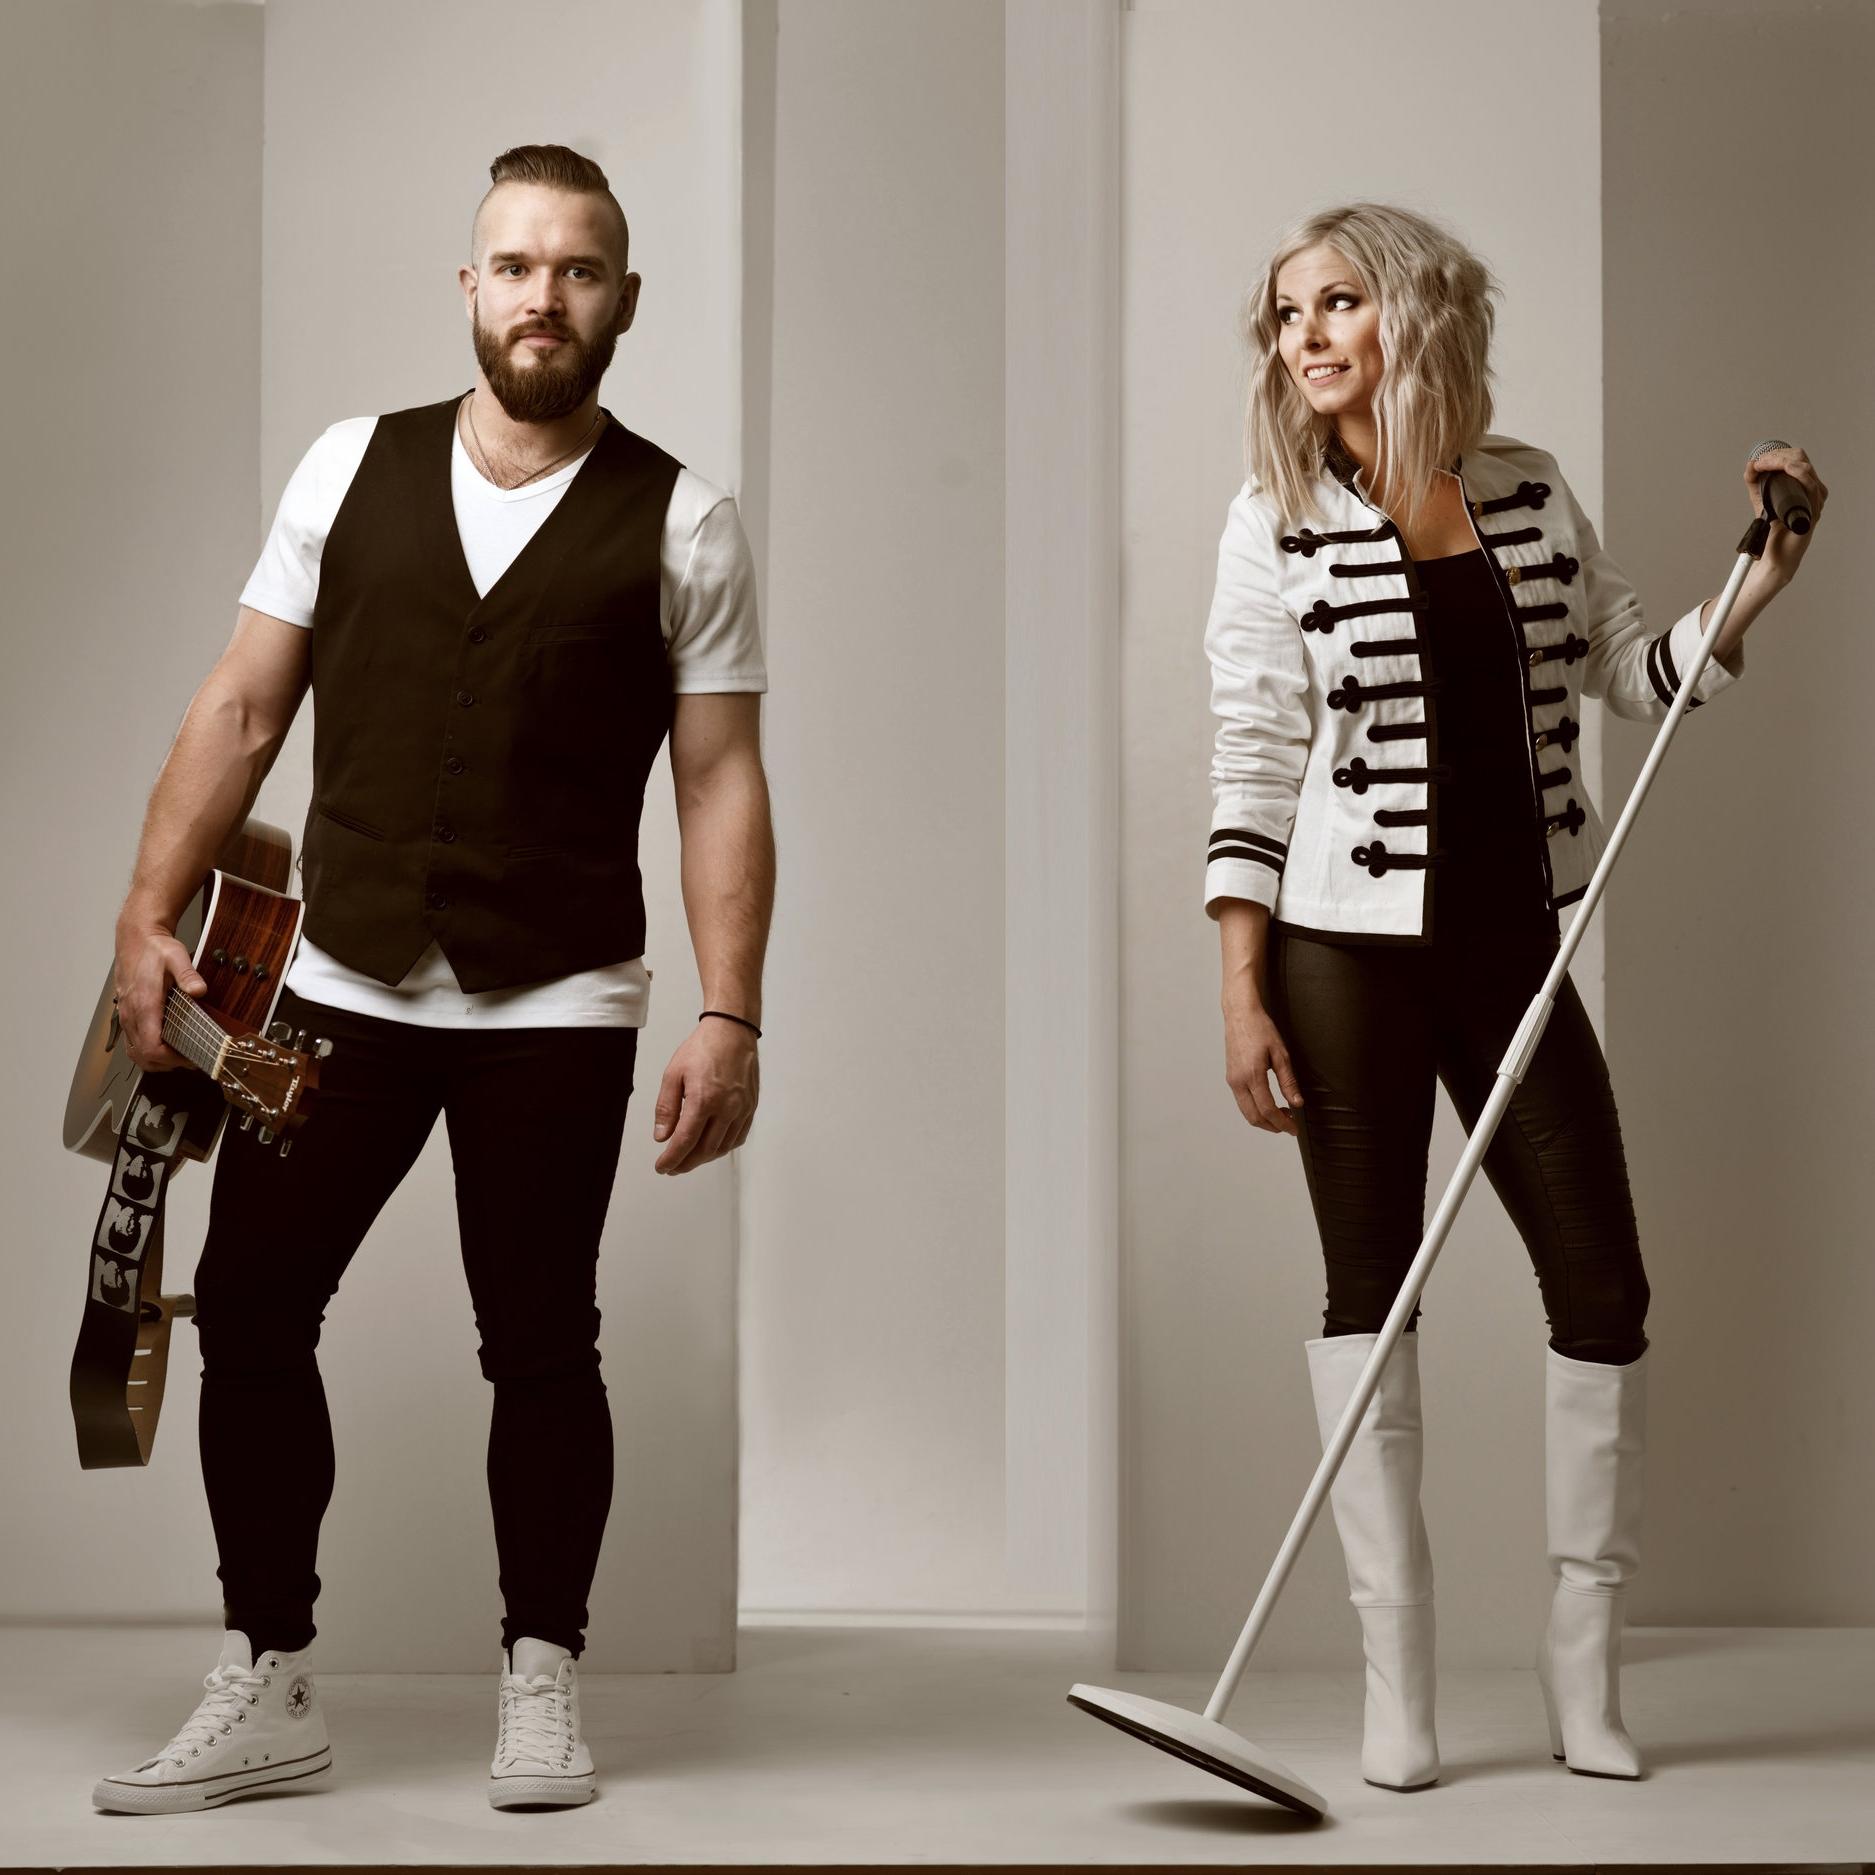 """LIVE-MUSIK - Iförd 80tals-skrud bjuder Demoll Duo på årtiondets allra bästa hits inom schlager, rock, disco och pop! Sjung med till låtar såsom """"Video Killed The Radio Star"""", """"We're Not Gonna Take It"""", """"99 Luftballons"""" och """"Girls Just Wanna Have Fun""""!"""